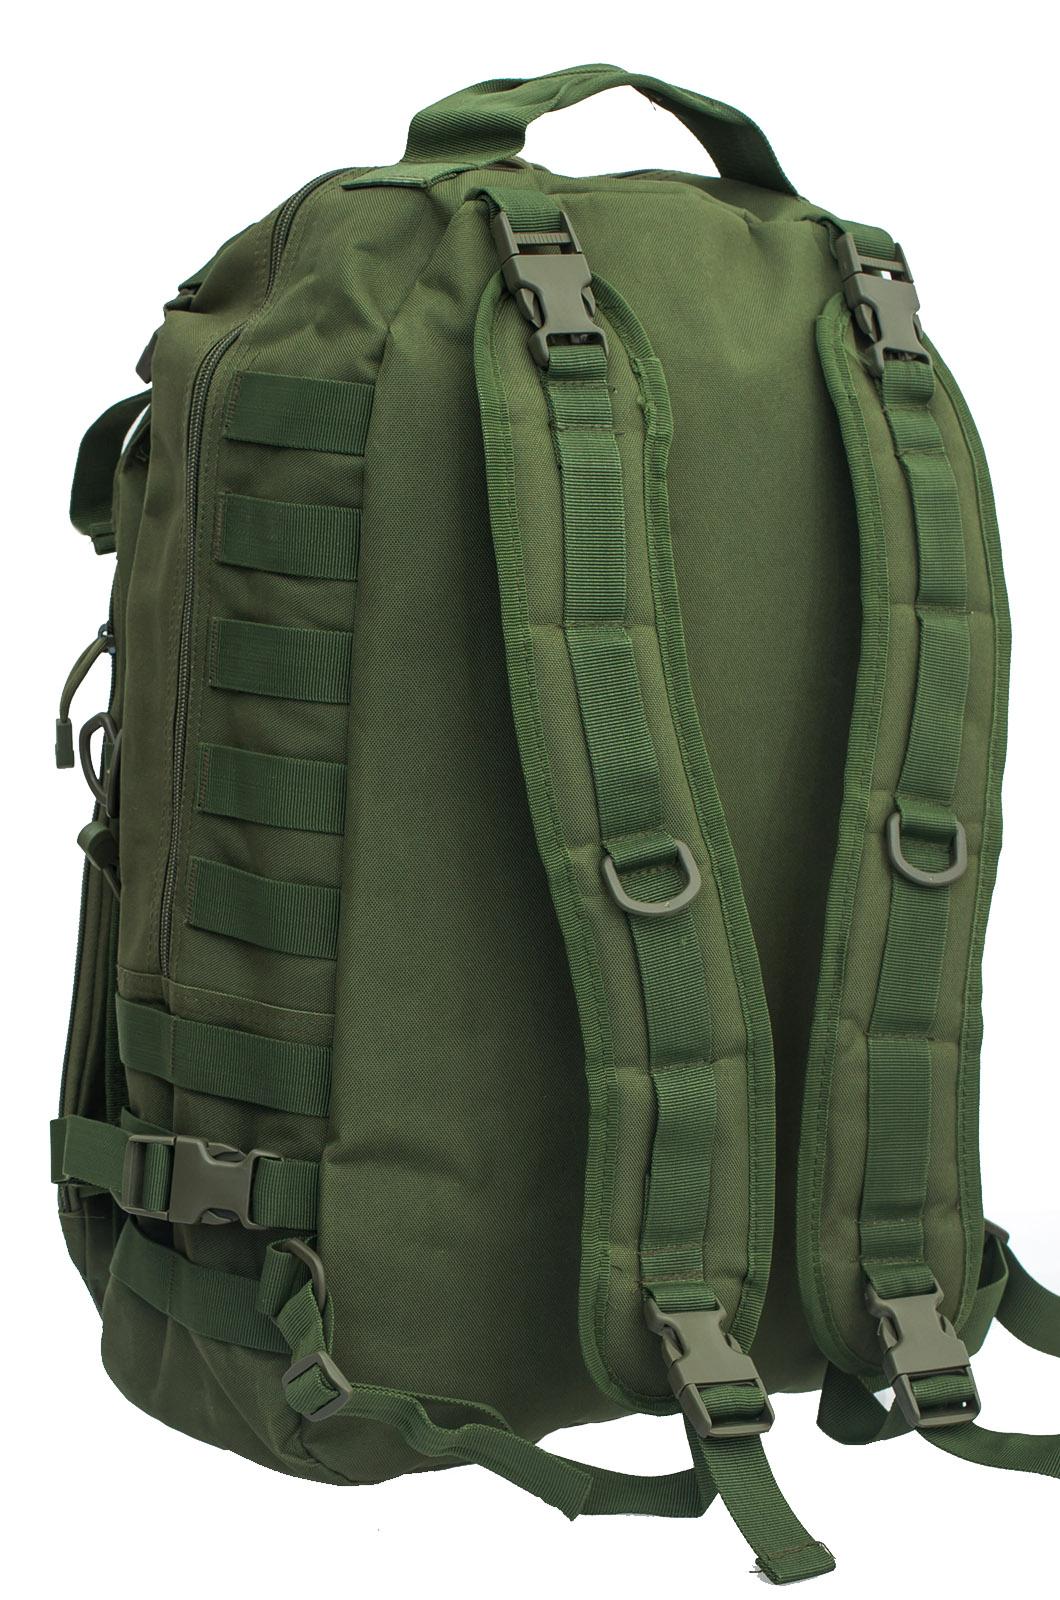 Мужской особенный рюкзак с нашивкой Рыболовный Спецназ - купить в розницу